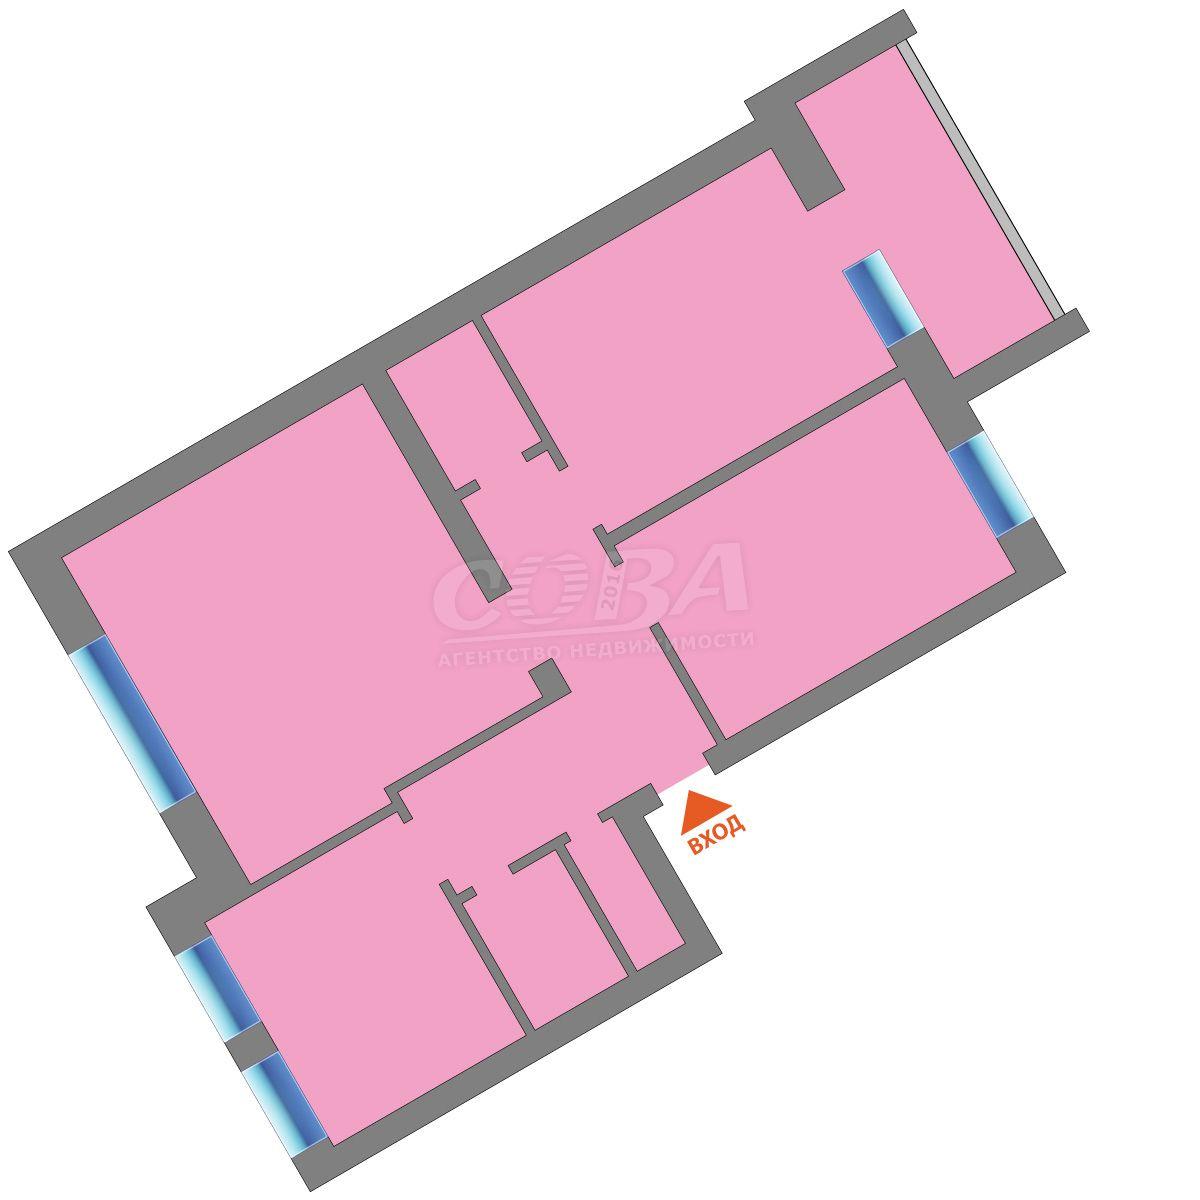 4 комнатная квартира  в районе Подгорный Тобольск, ул. Розы Люксембург, 10, г. Тобольск